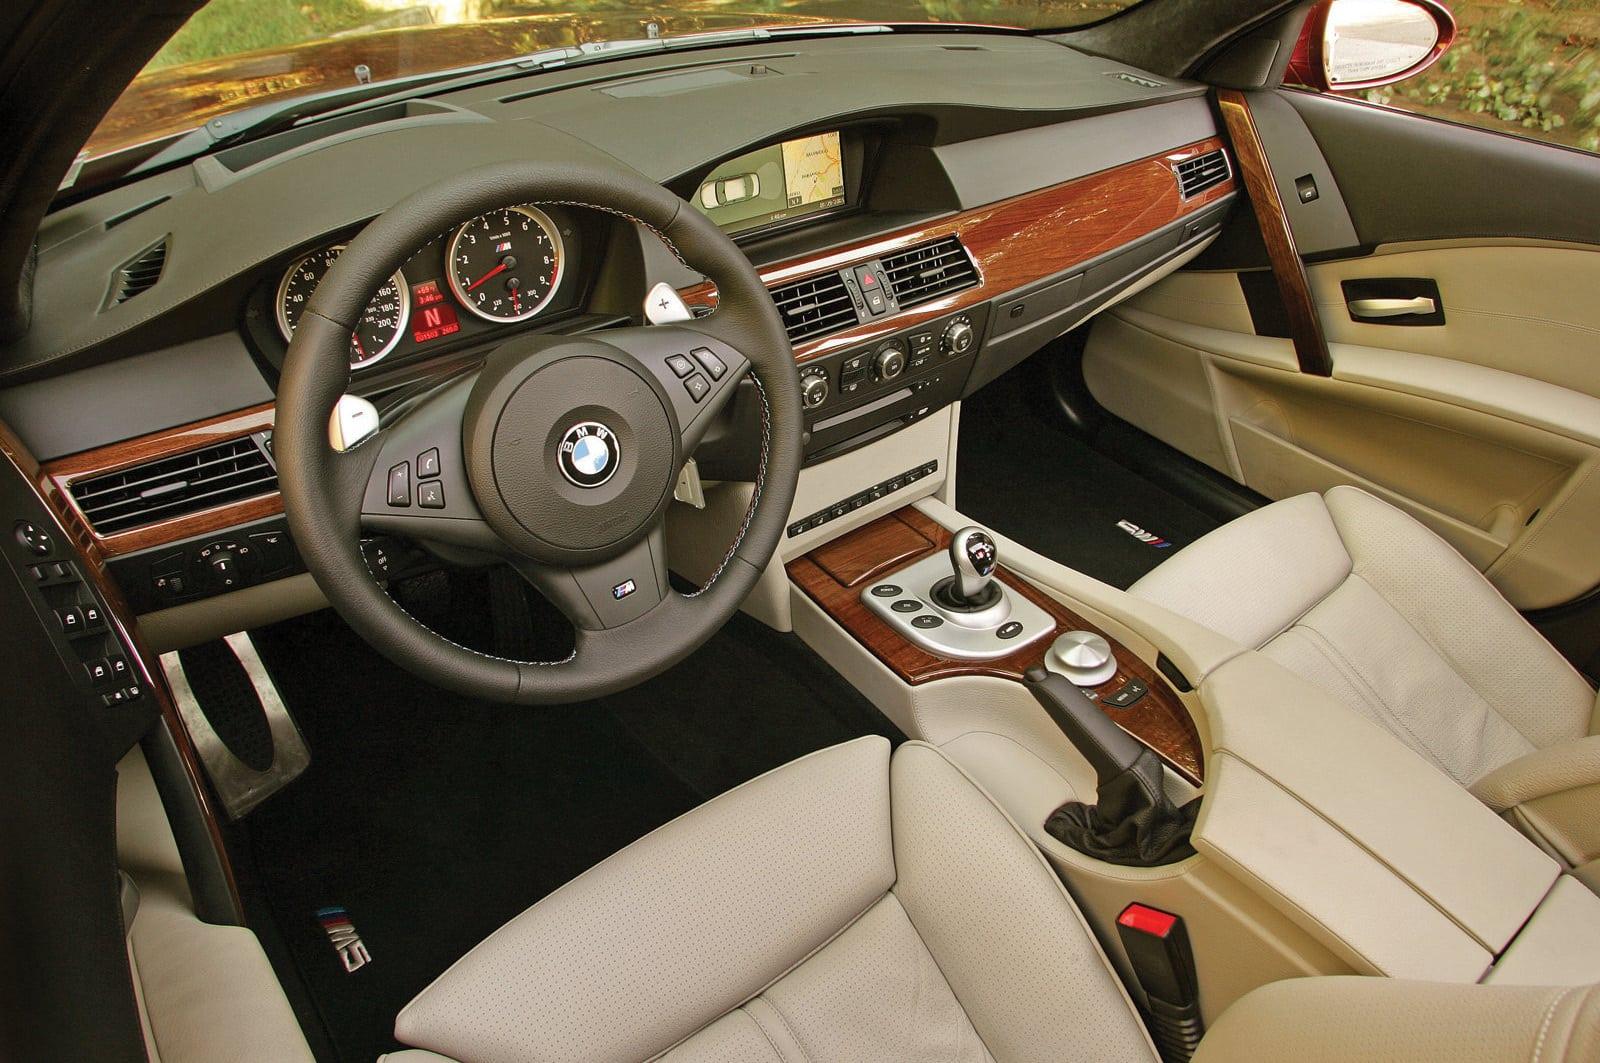 Многие критиковали M5 E60 за непривычную для автомобилей марки компоновку салона — здесь всего на одно поколение появилась симметричная центральная консоль, не повёрнутая в сторону водителя.